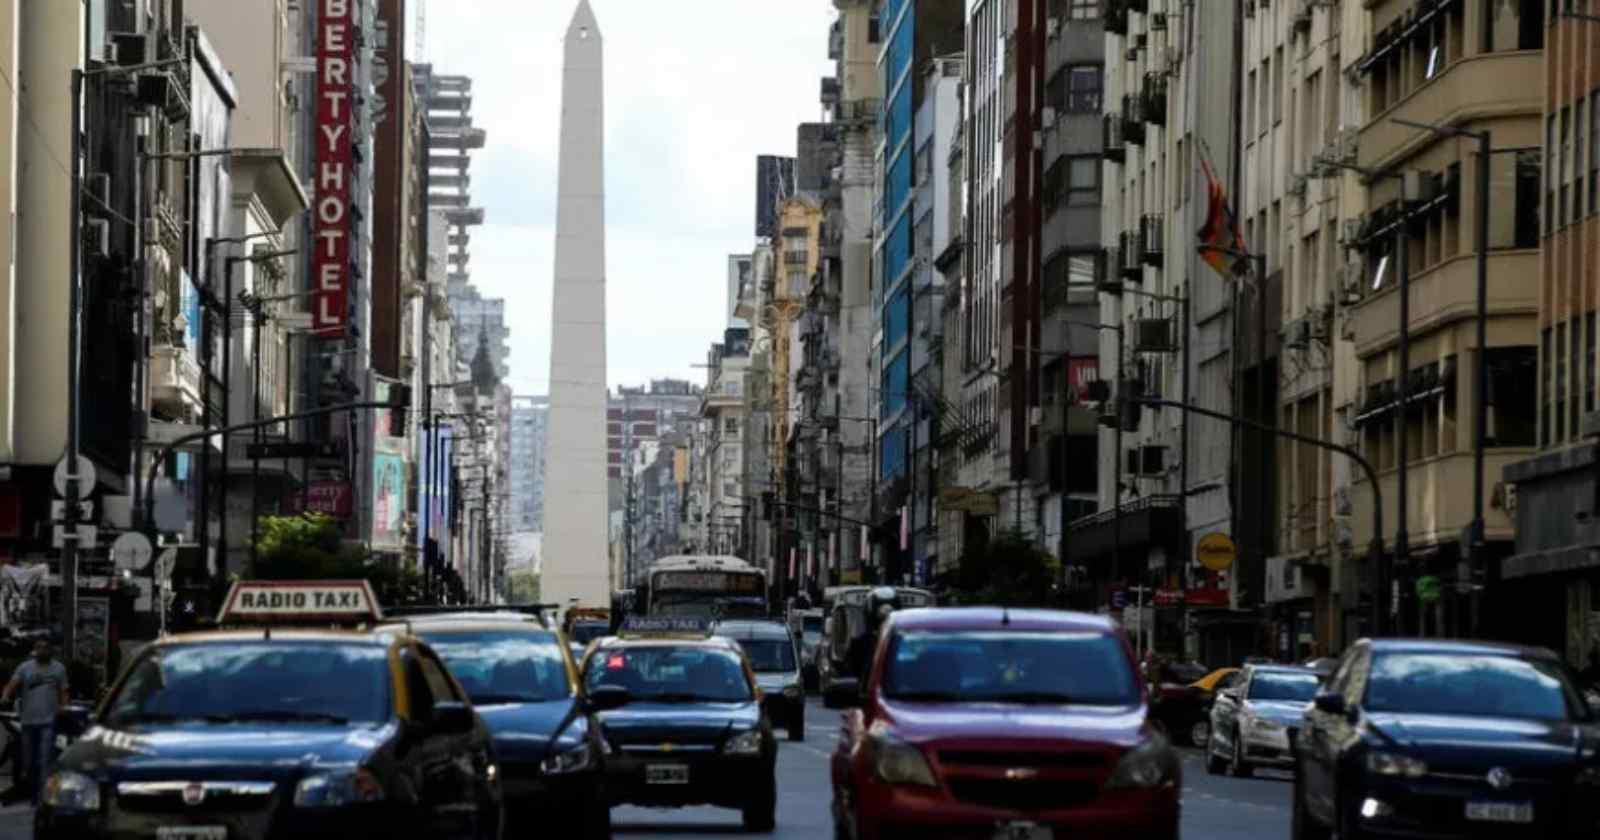 La crisis de hambre y pobreza que afecta a Argentina en medio de la pandemia